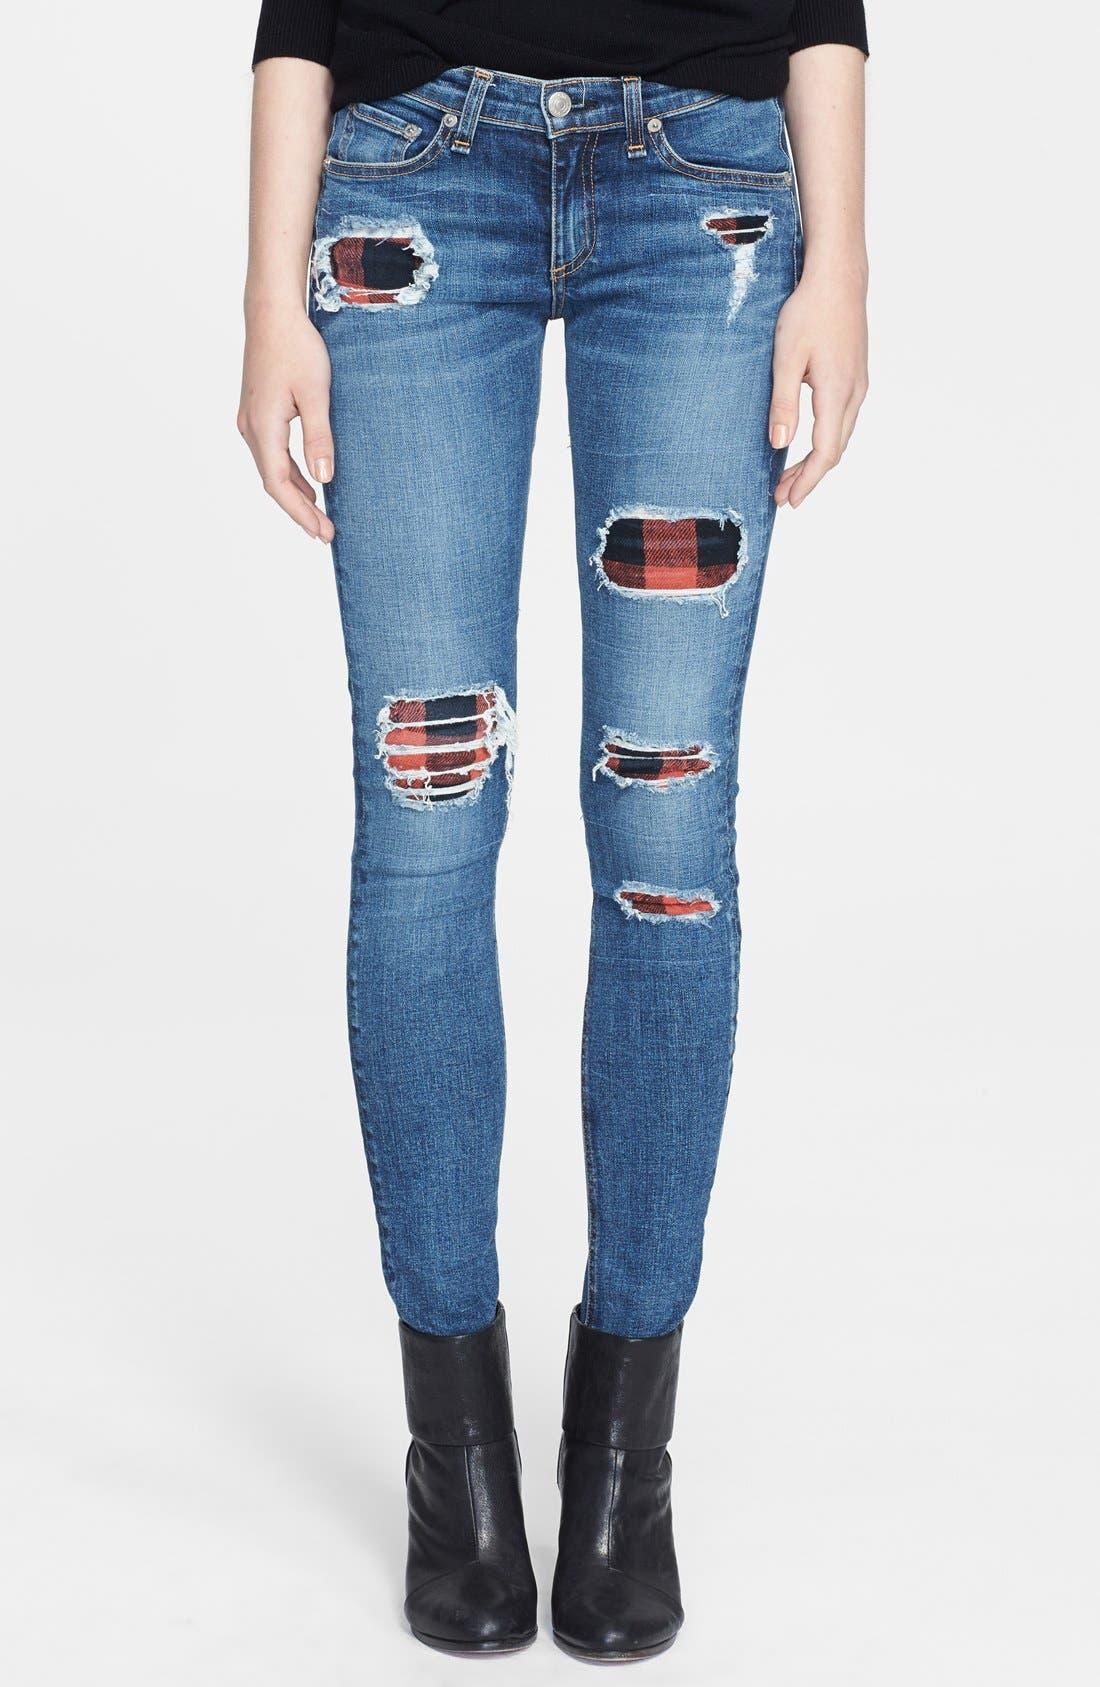 Alternate Image 1 Selected - rag & bone/JEAN Skinny Stretch Jeans (Sloane Plaid Repair)